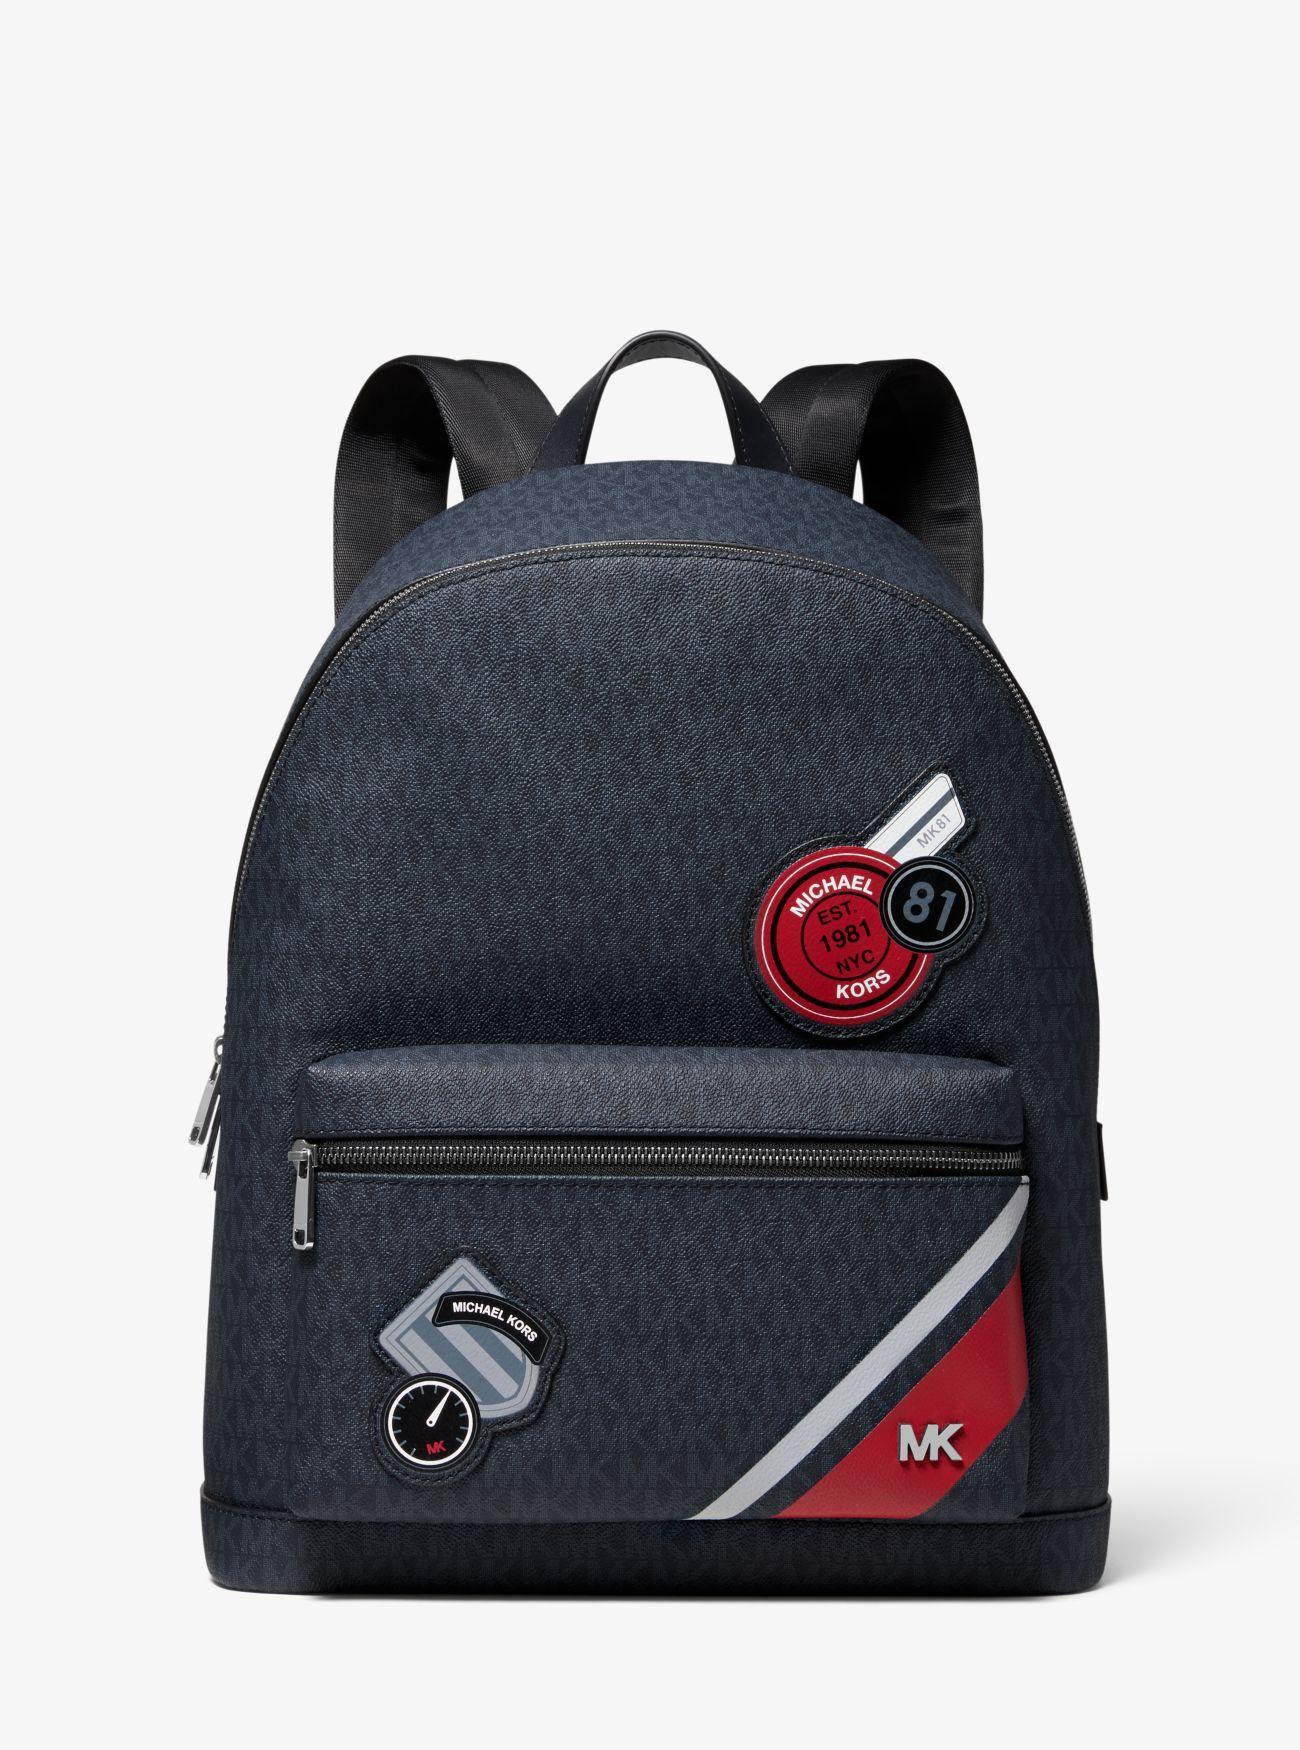 3b6252758da8 Michael Kors - Blue Jet Set Backpack for Men - Lyst. View fullscreen